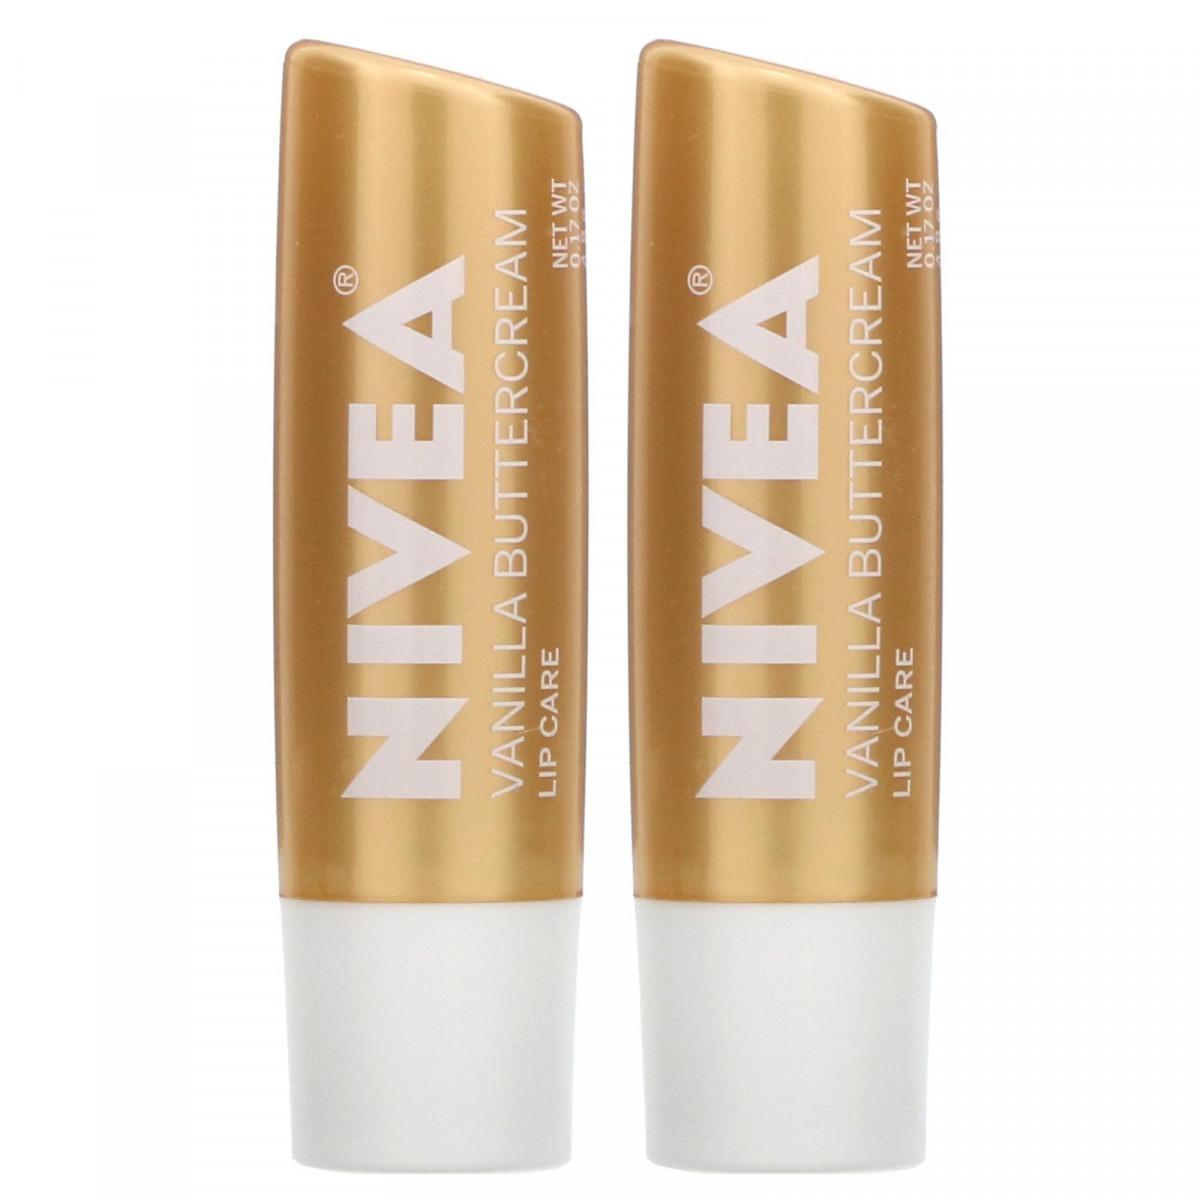 Ванильный сливочный крем, Nivea, 2 упаковки, 0,17 унции (4,8 г) каждая